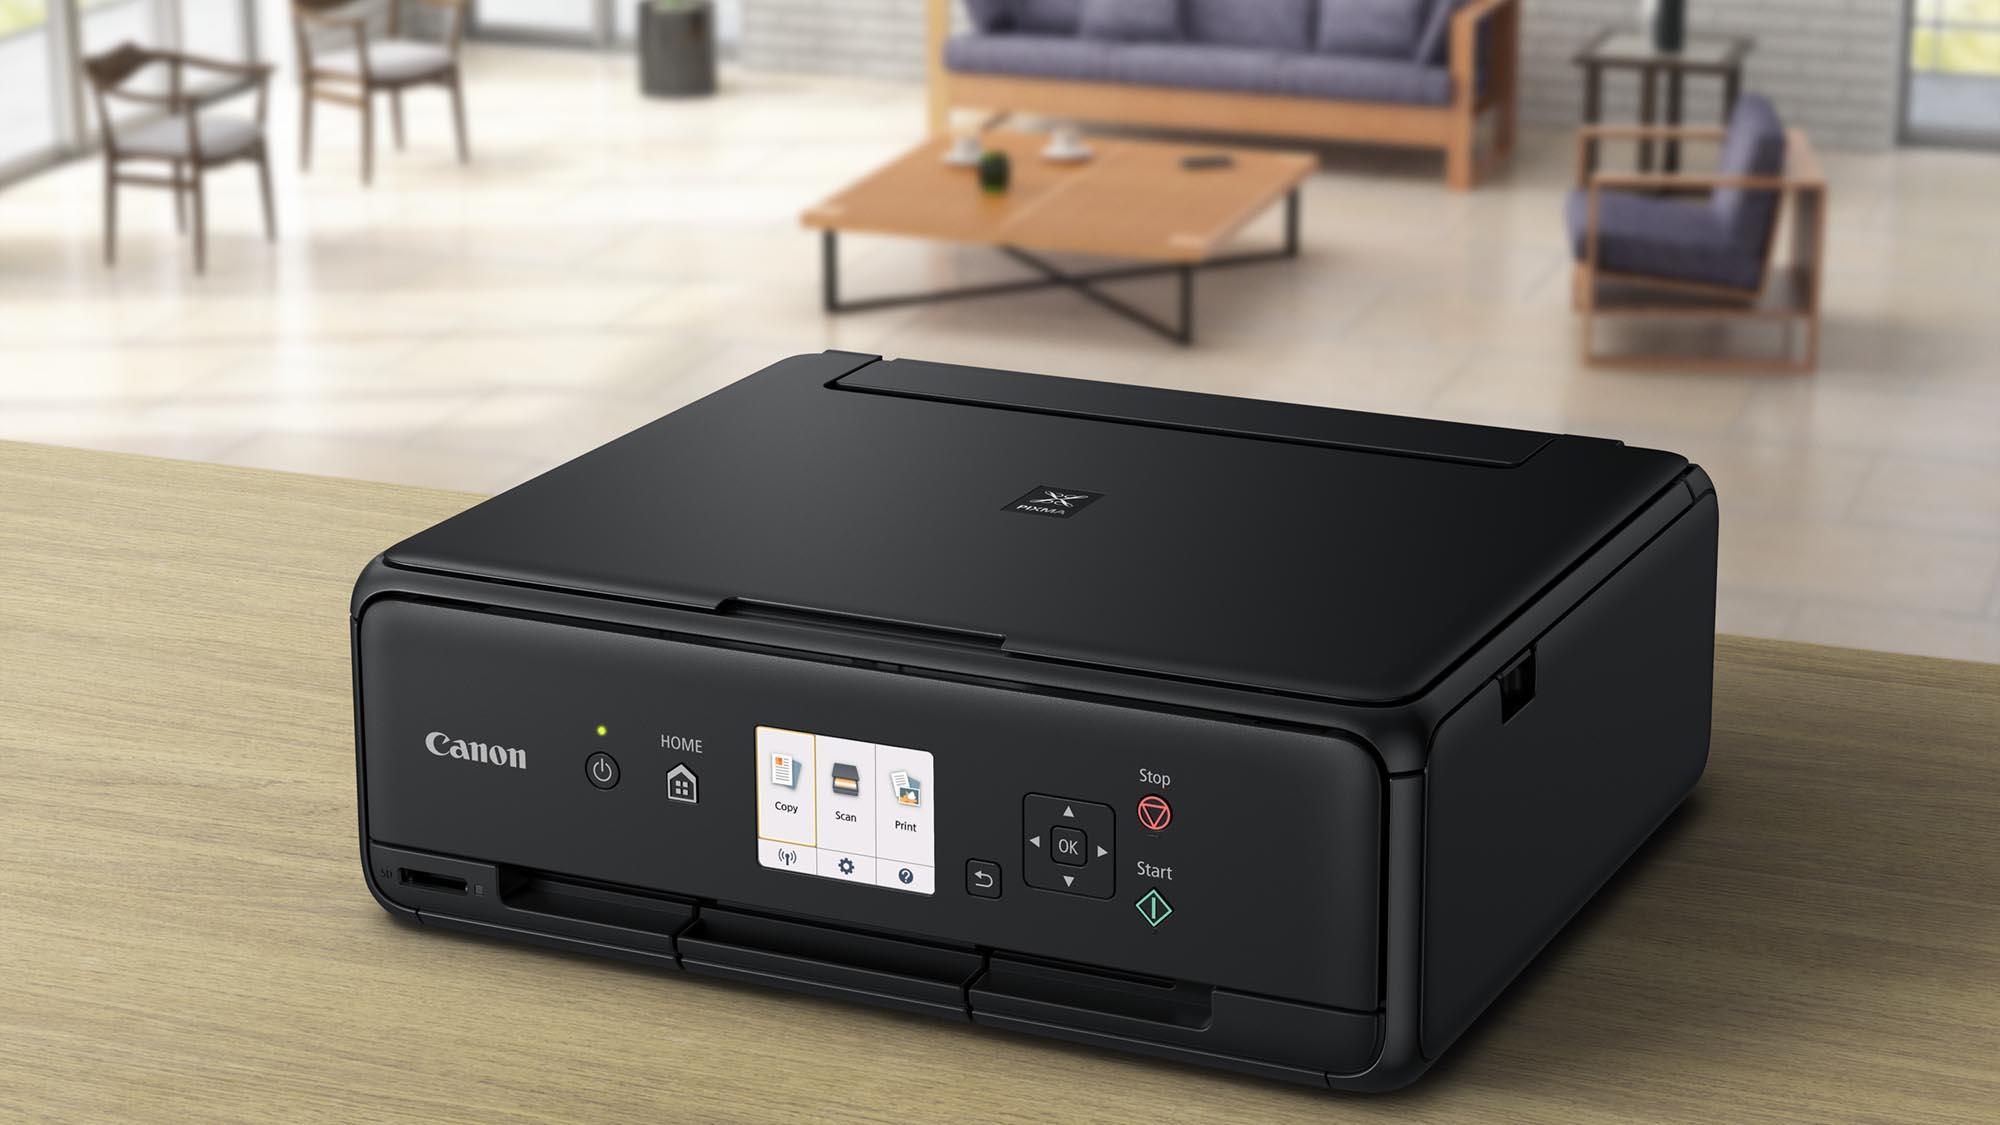 Canon Pixma es la impresora más rentable